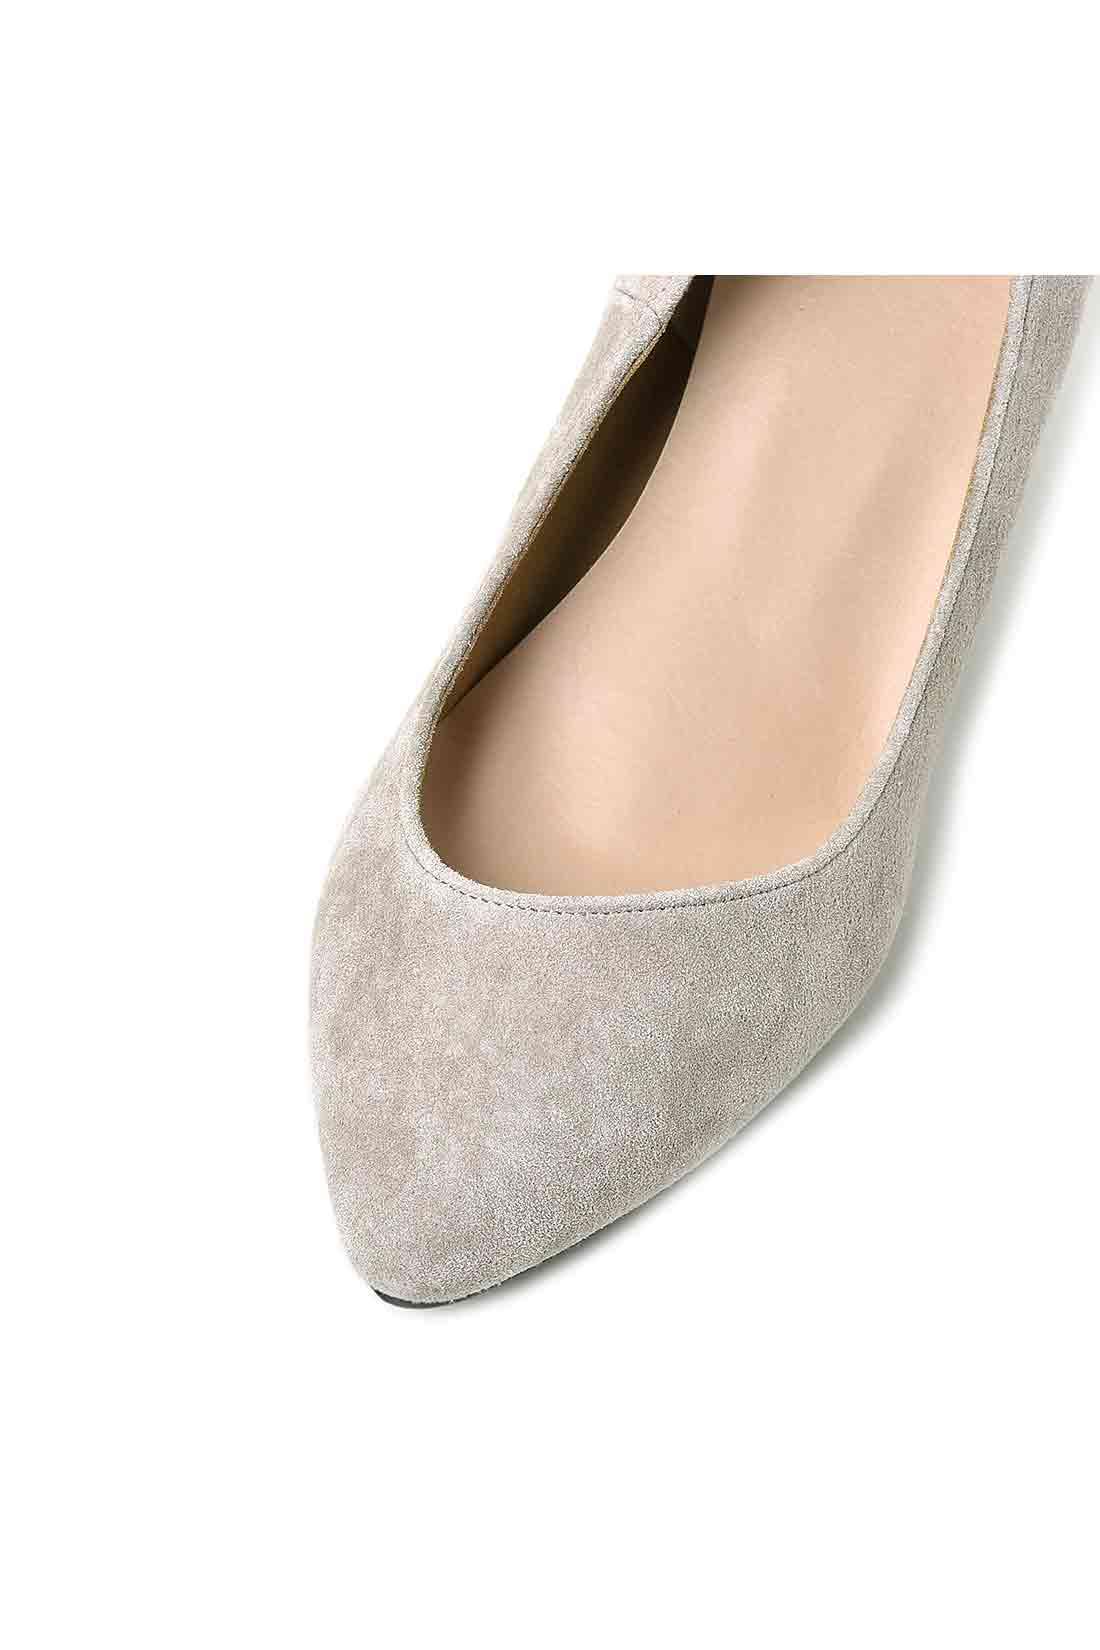 オブリークカットできれいを極める ほんのり斜めにカーブするカットで美脚見せと華奢(きゃしゃ)な足先を演出。